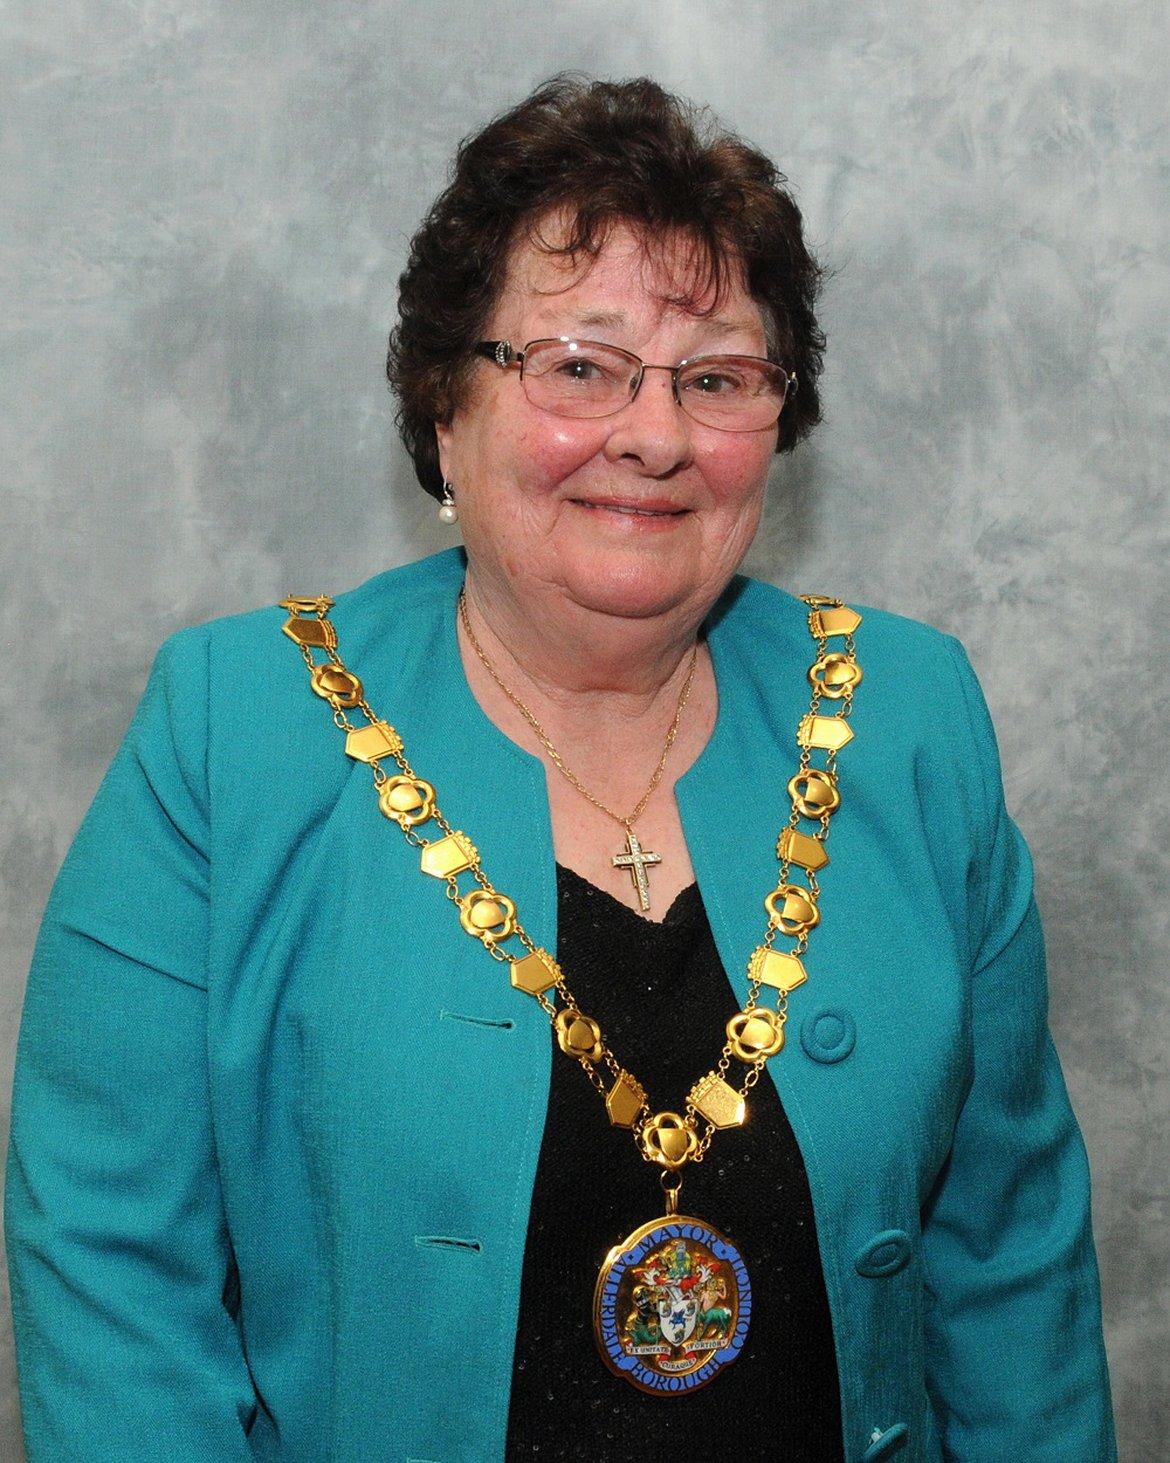 Mayor Cllr Hilary Harrington